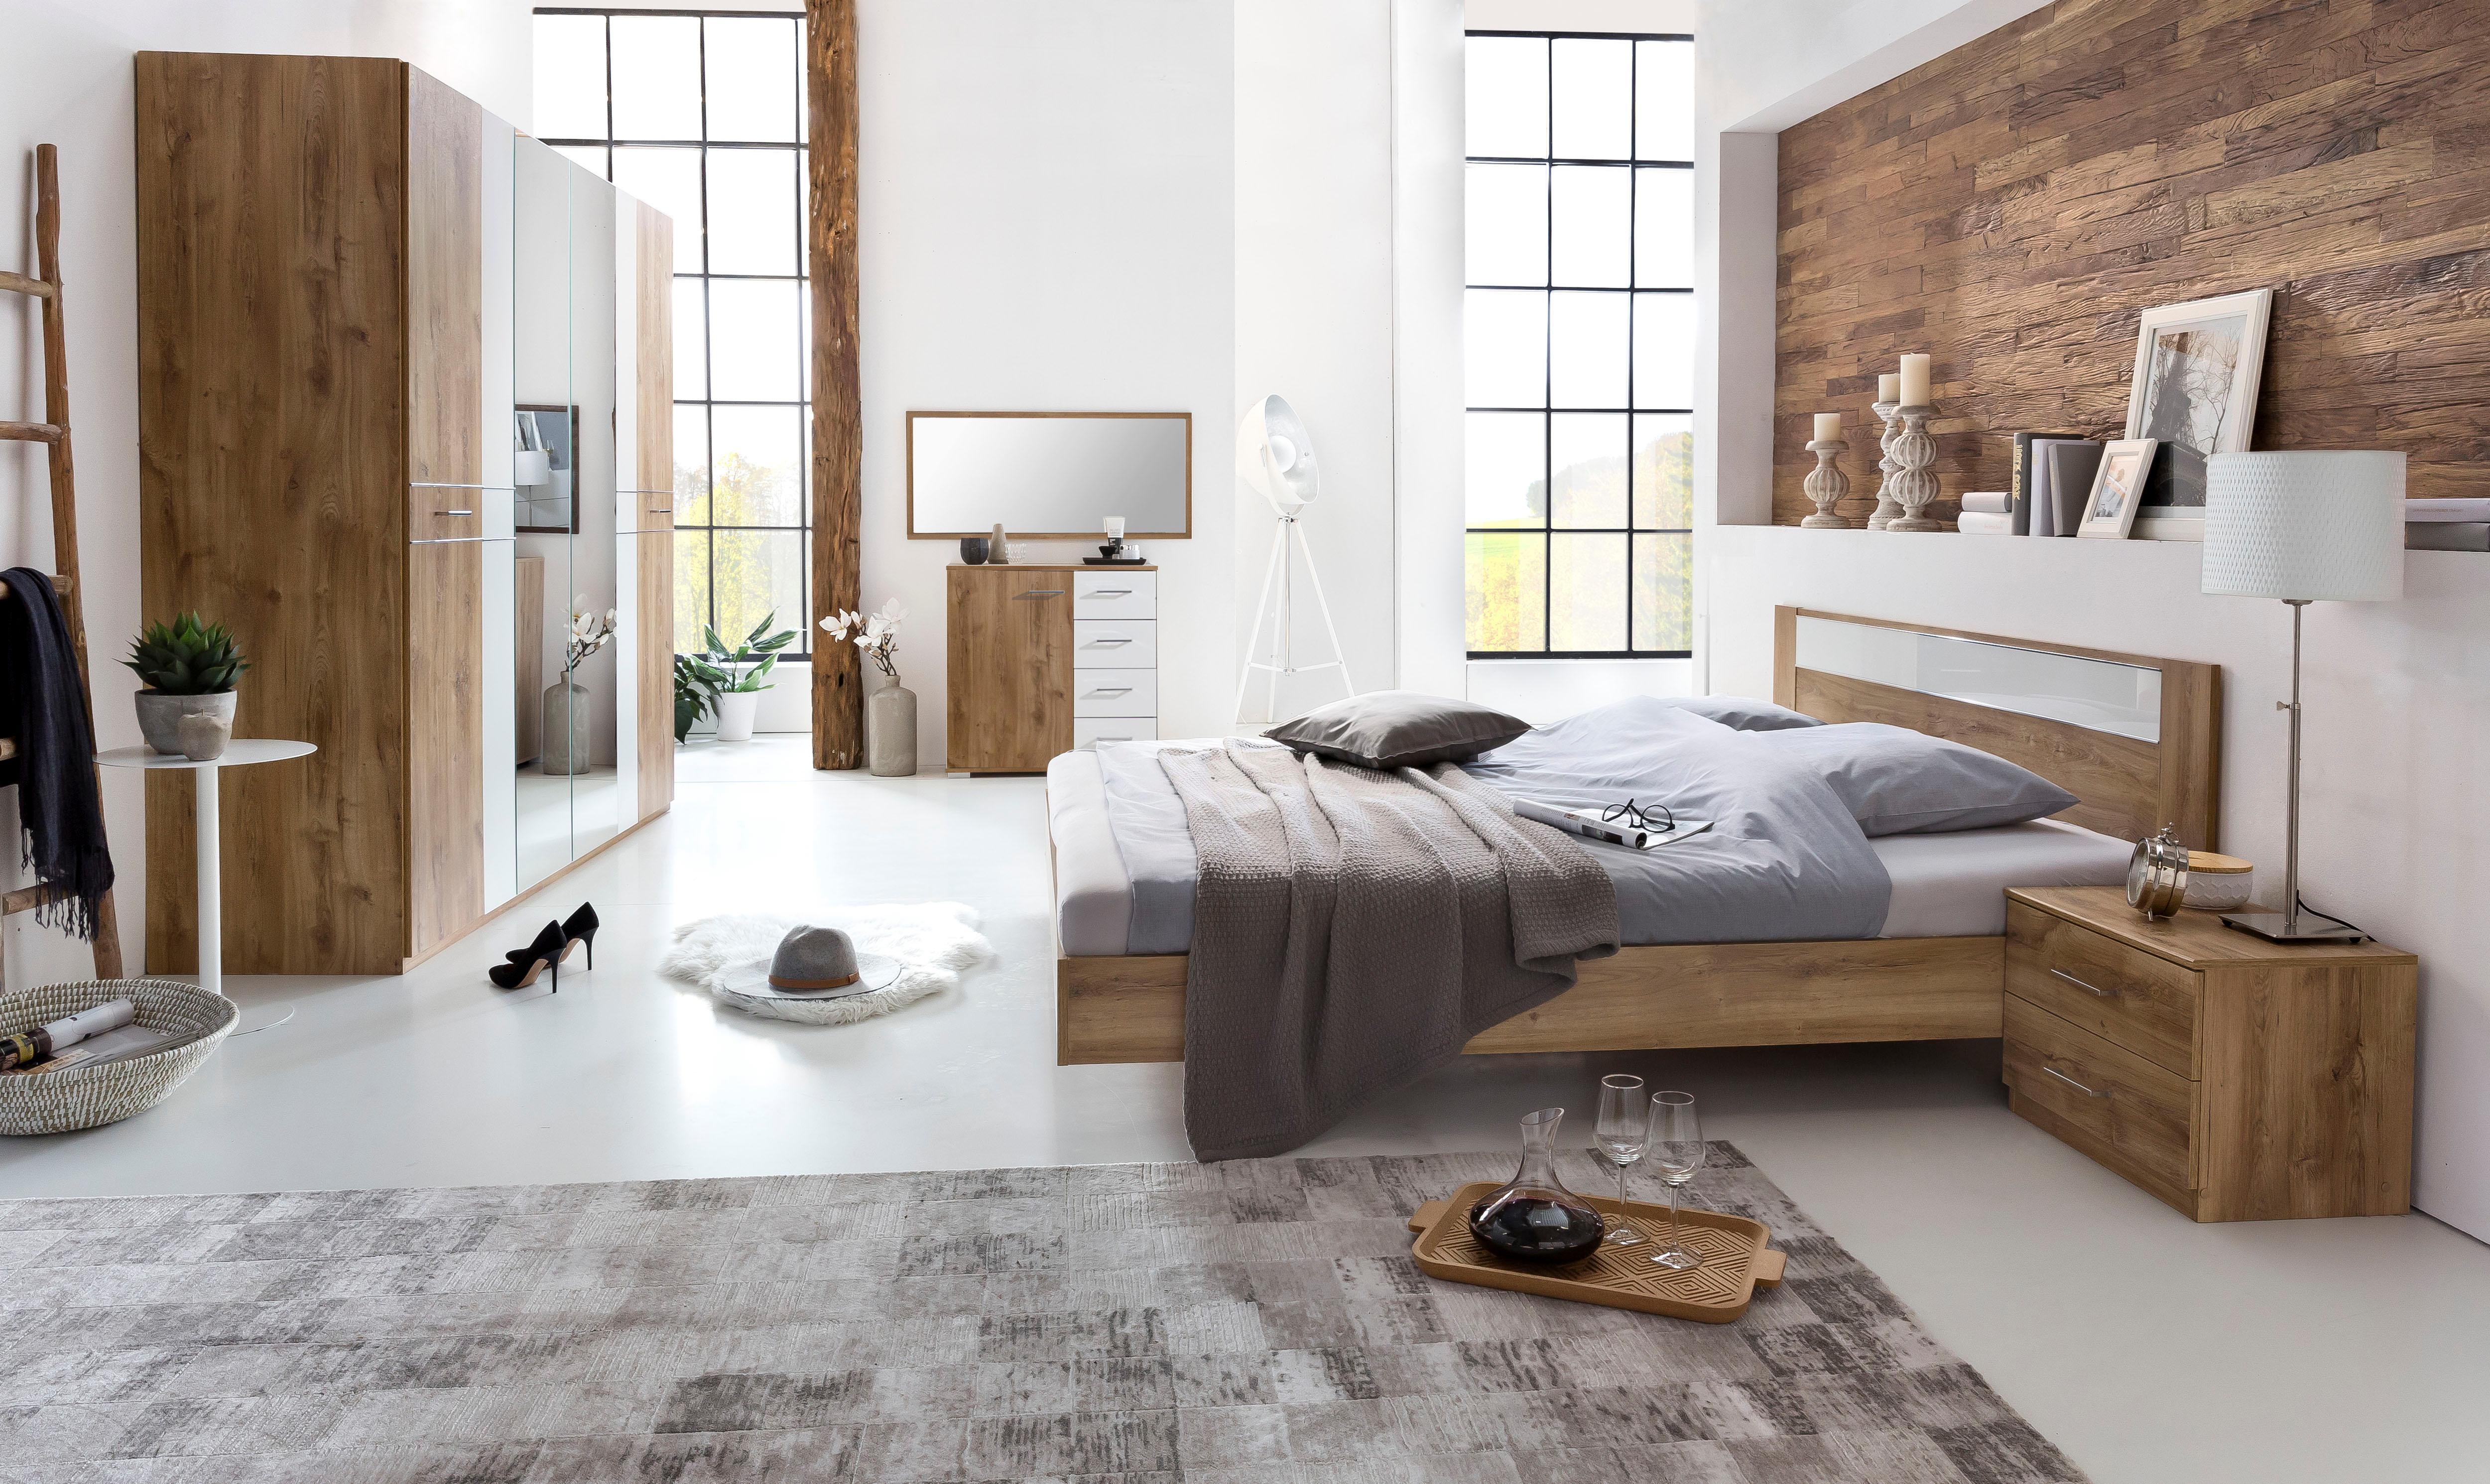 natur-glas Komplett-Schlafzimmer online kaufen | Möbel-Suchmaschine ...